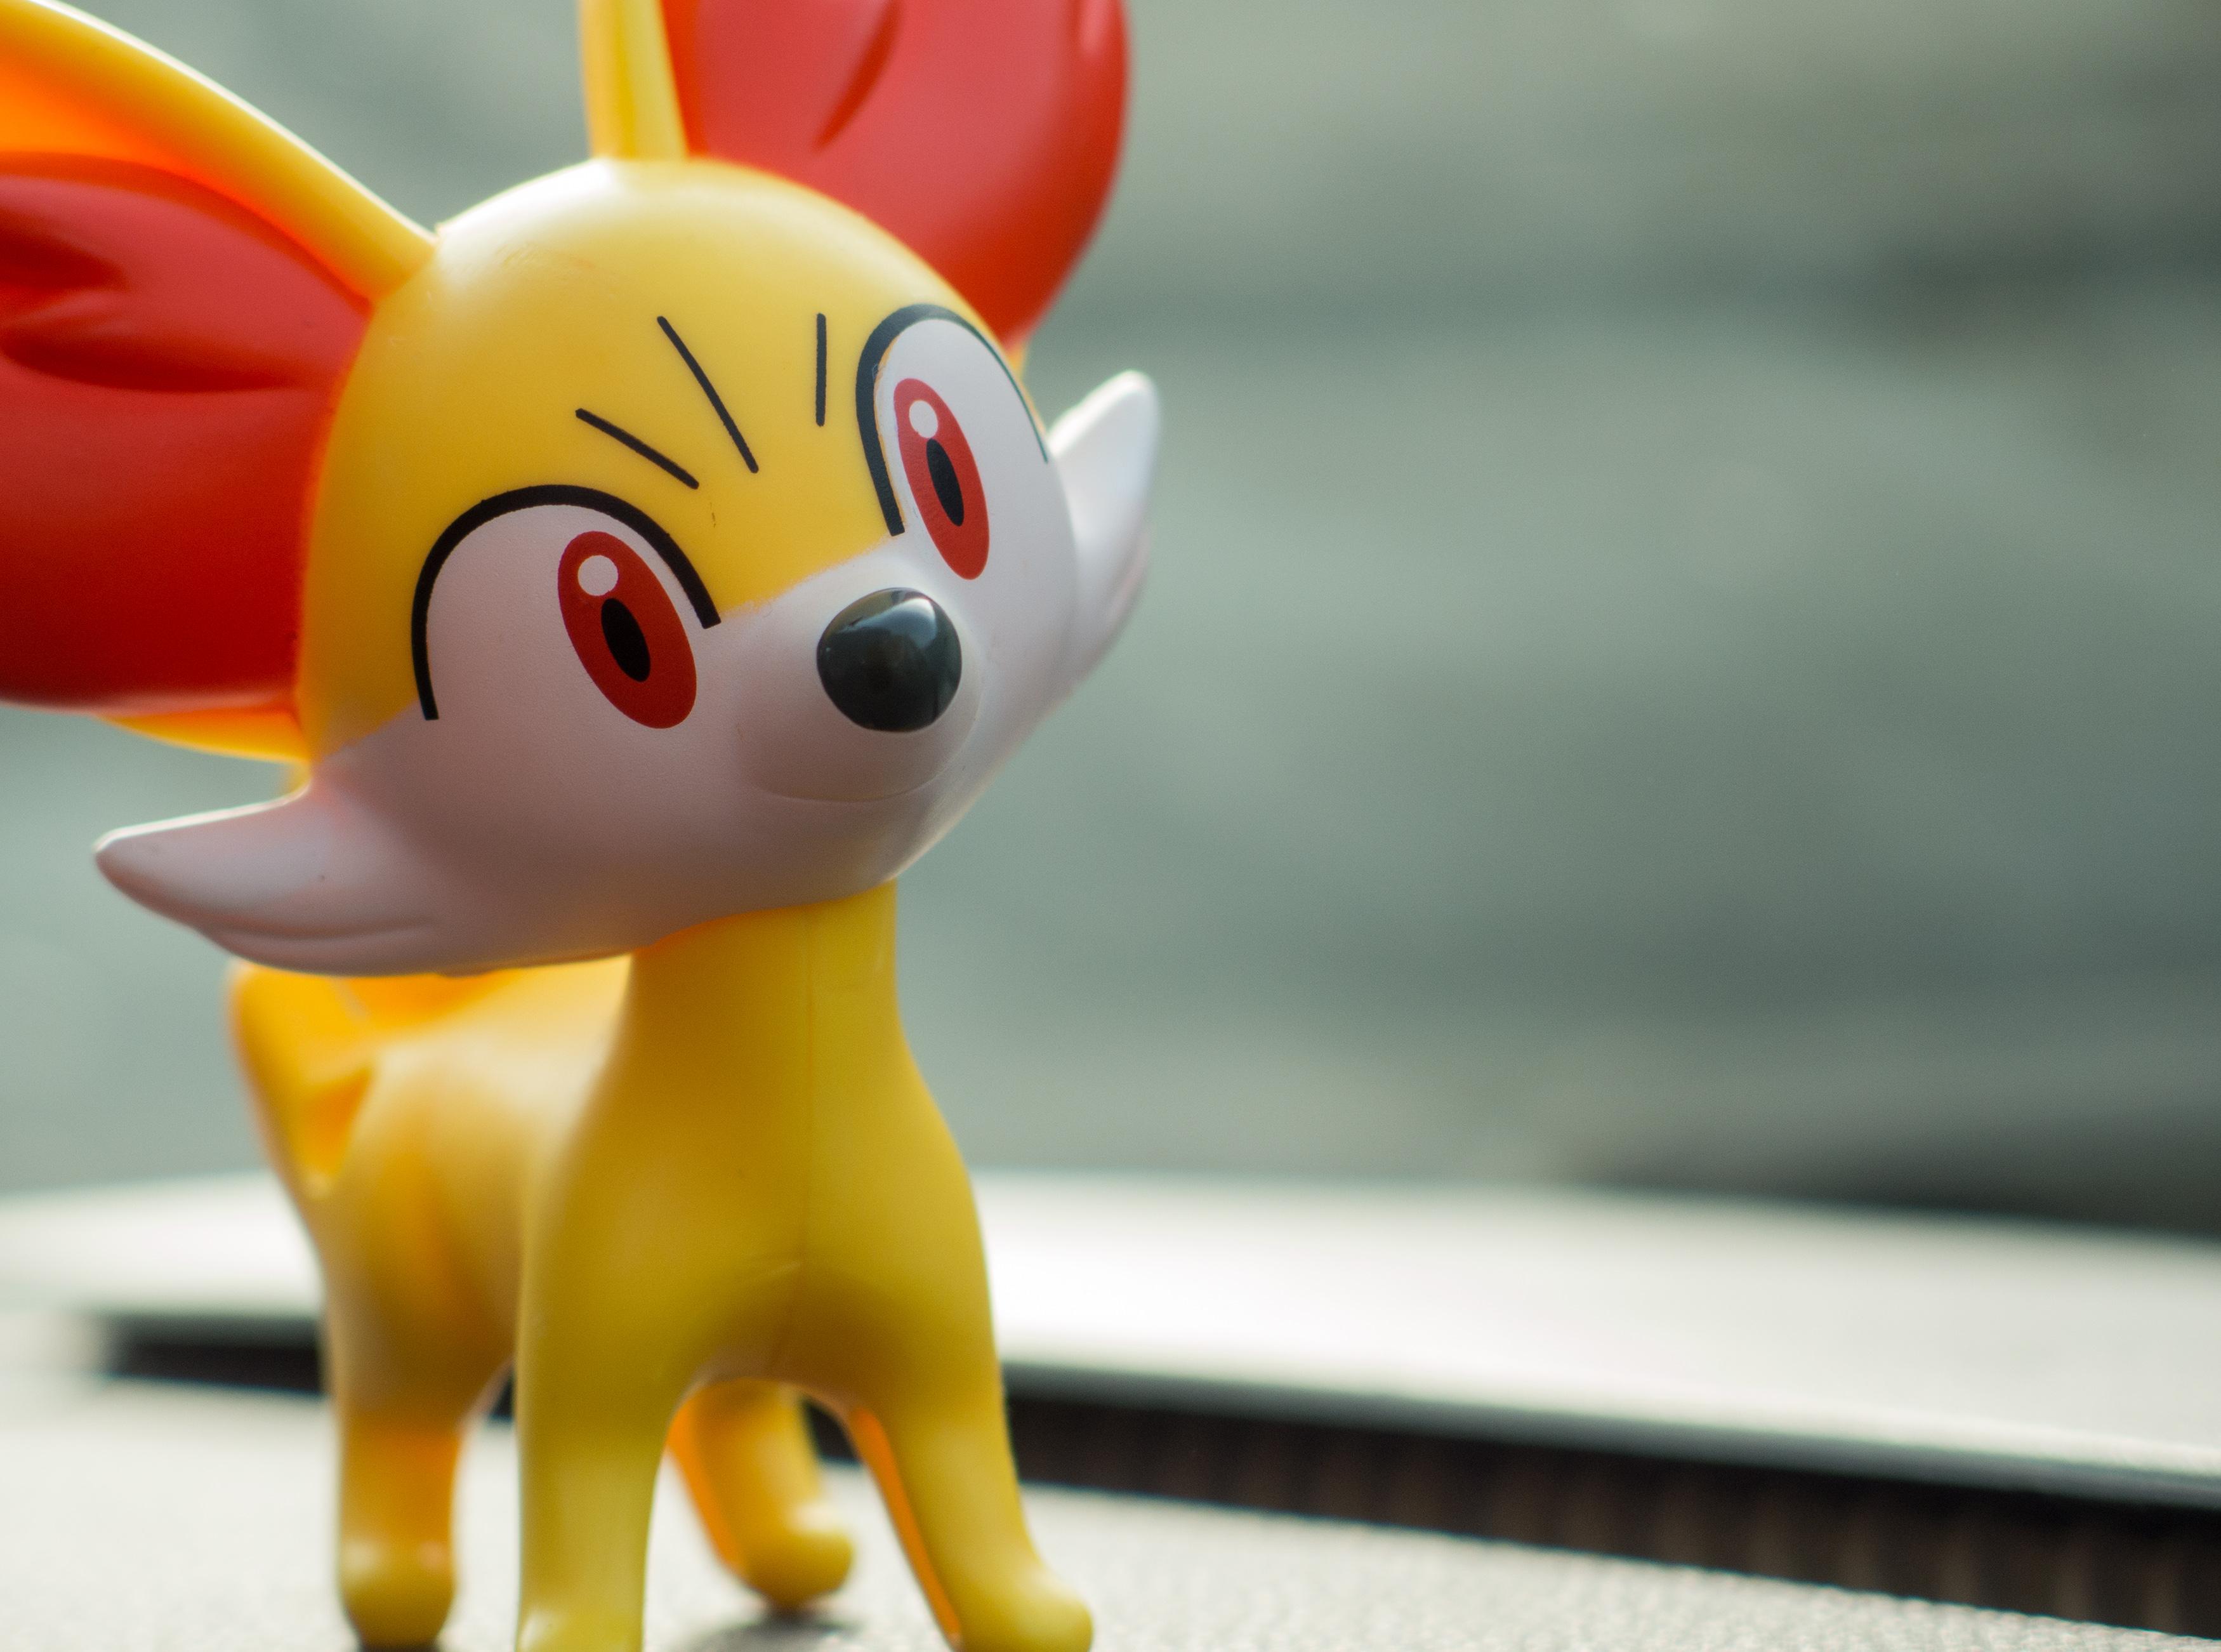 Fennekin Pokemon - Free Stock Photos ::: LibreShot